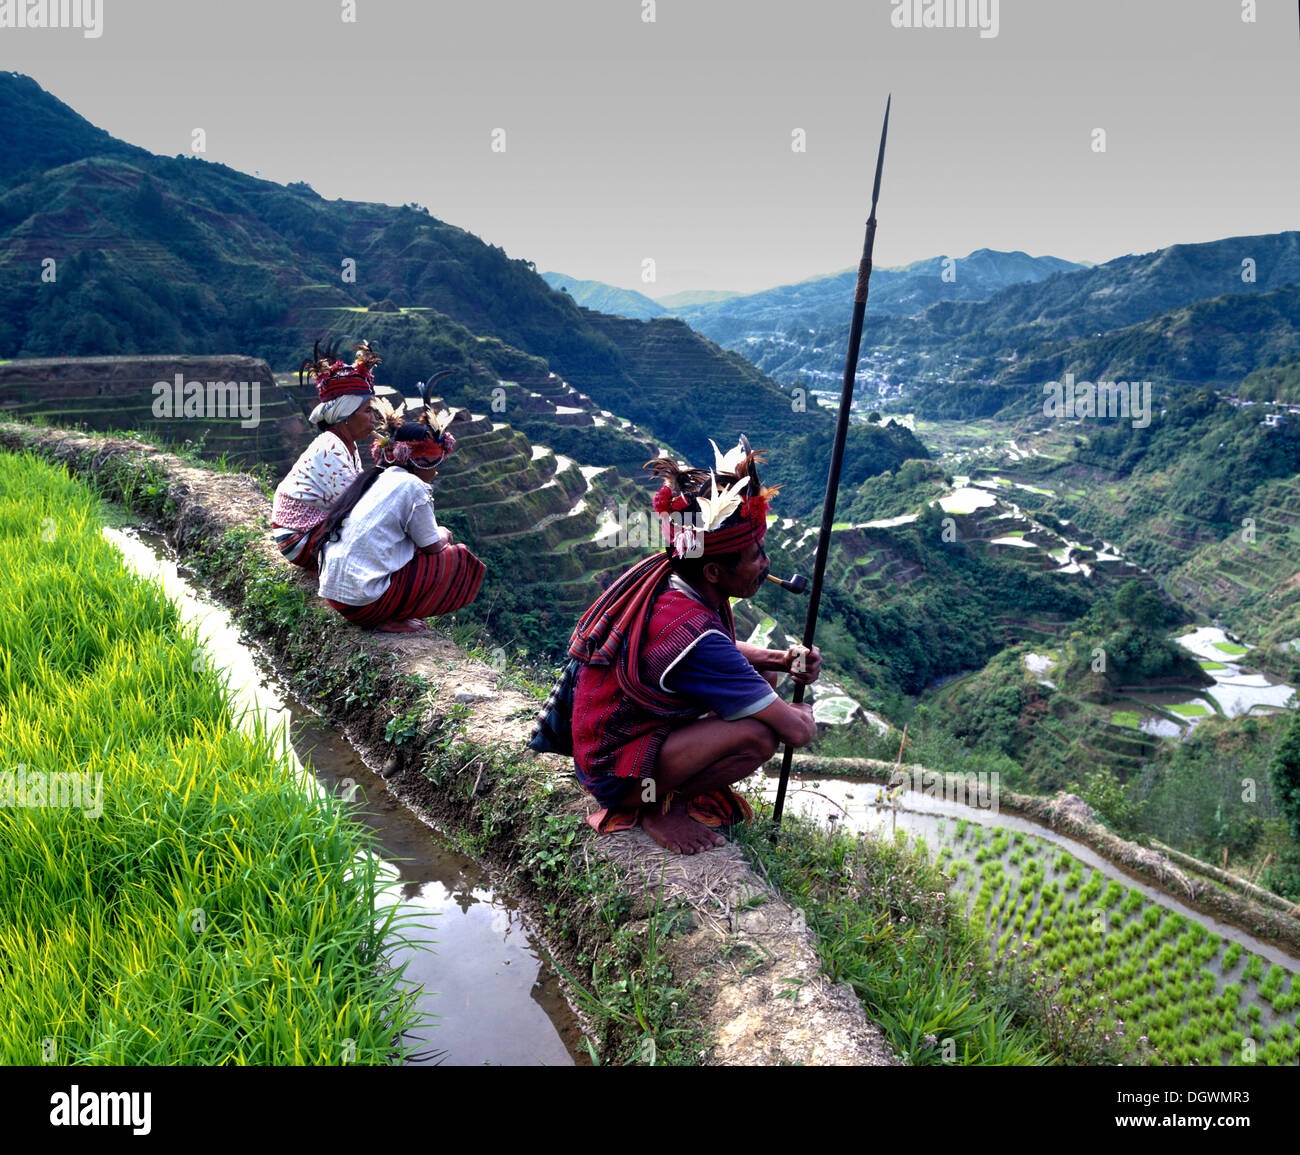 Les gens d'Ifugao, membres d'un groupe ethnique portant des costumes traditionnels, les terrasses de riz de Banaue, également connu sous le nom de pic, musuan Banaue Photo Stock